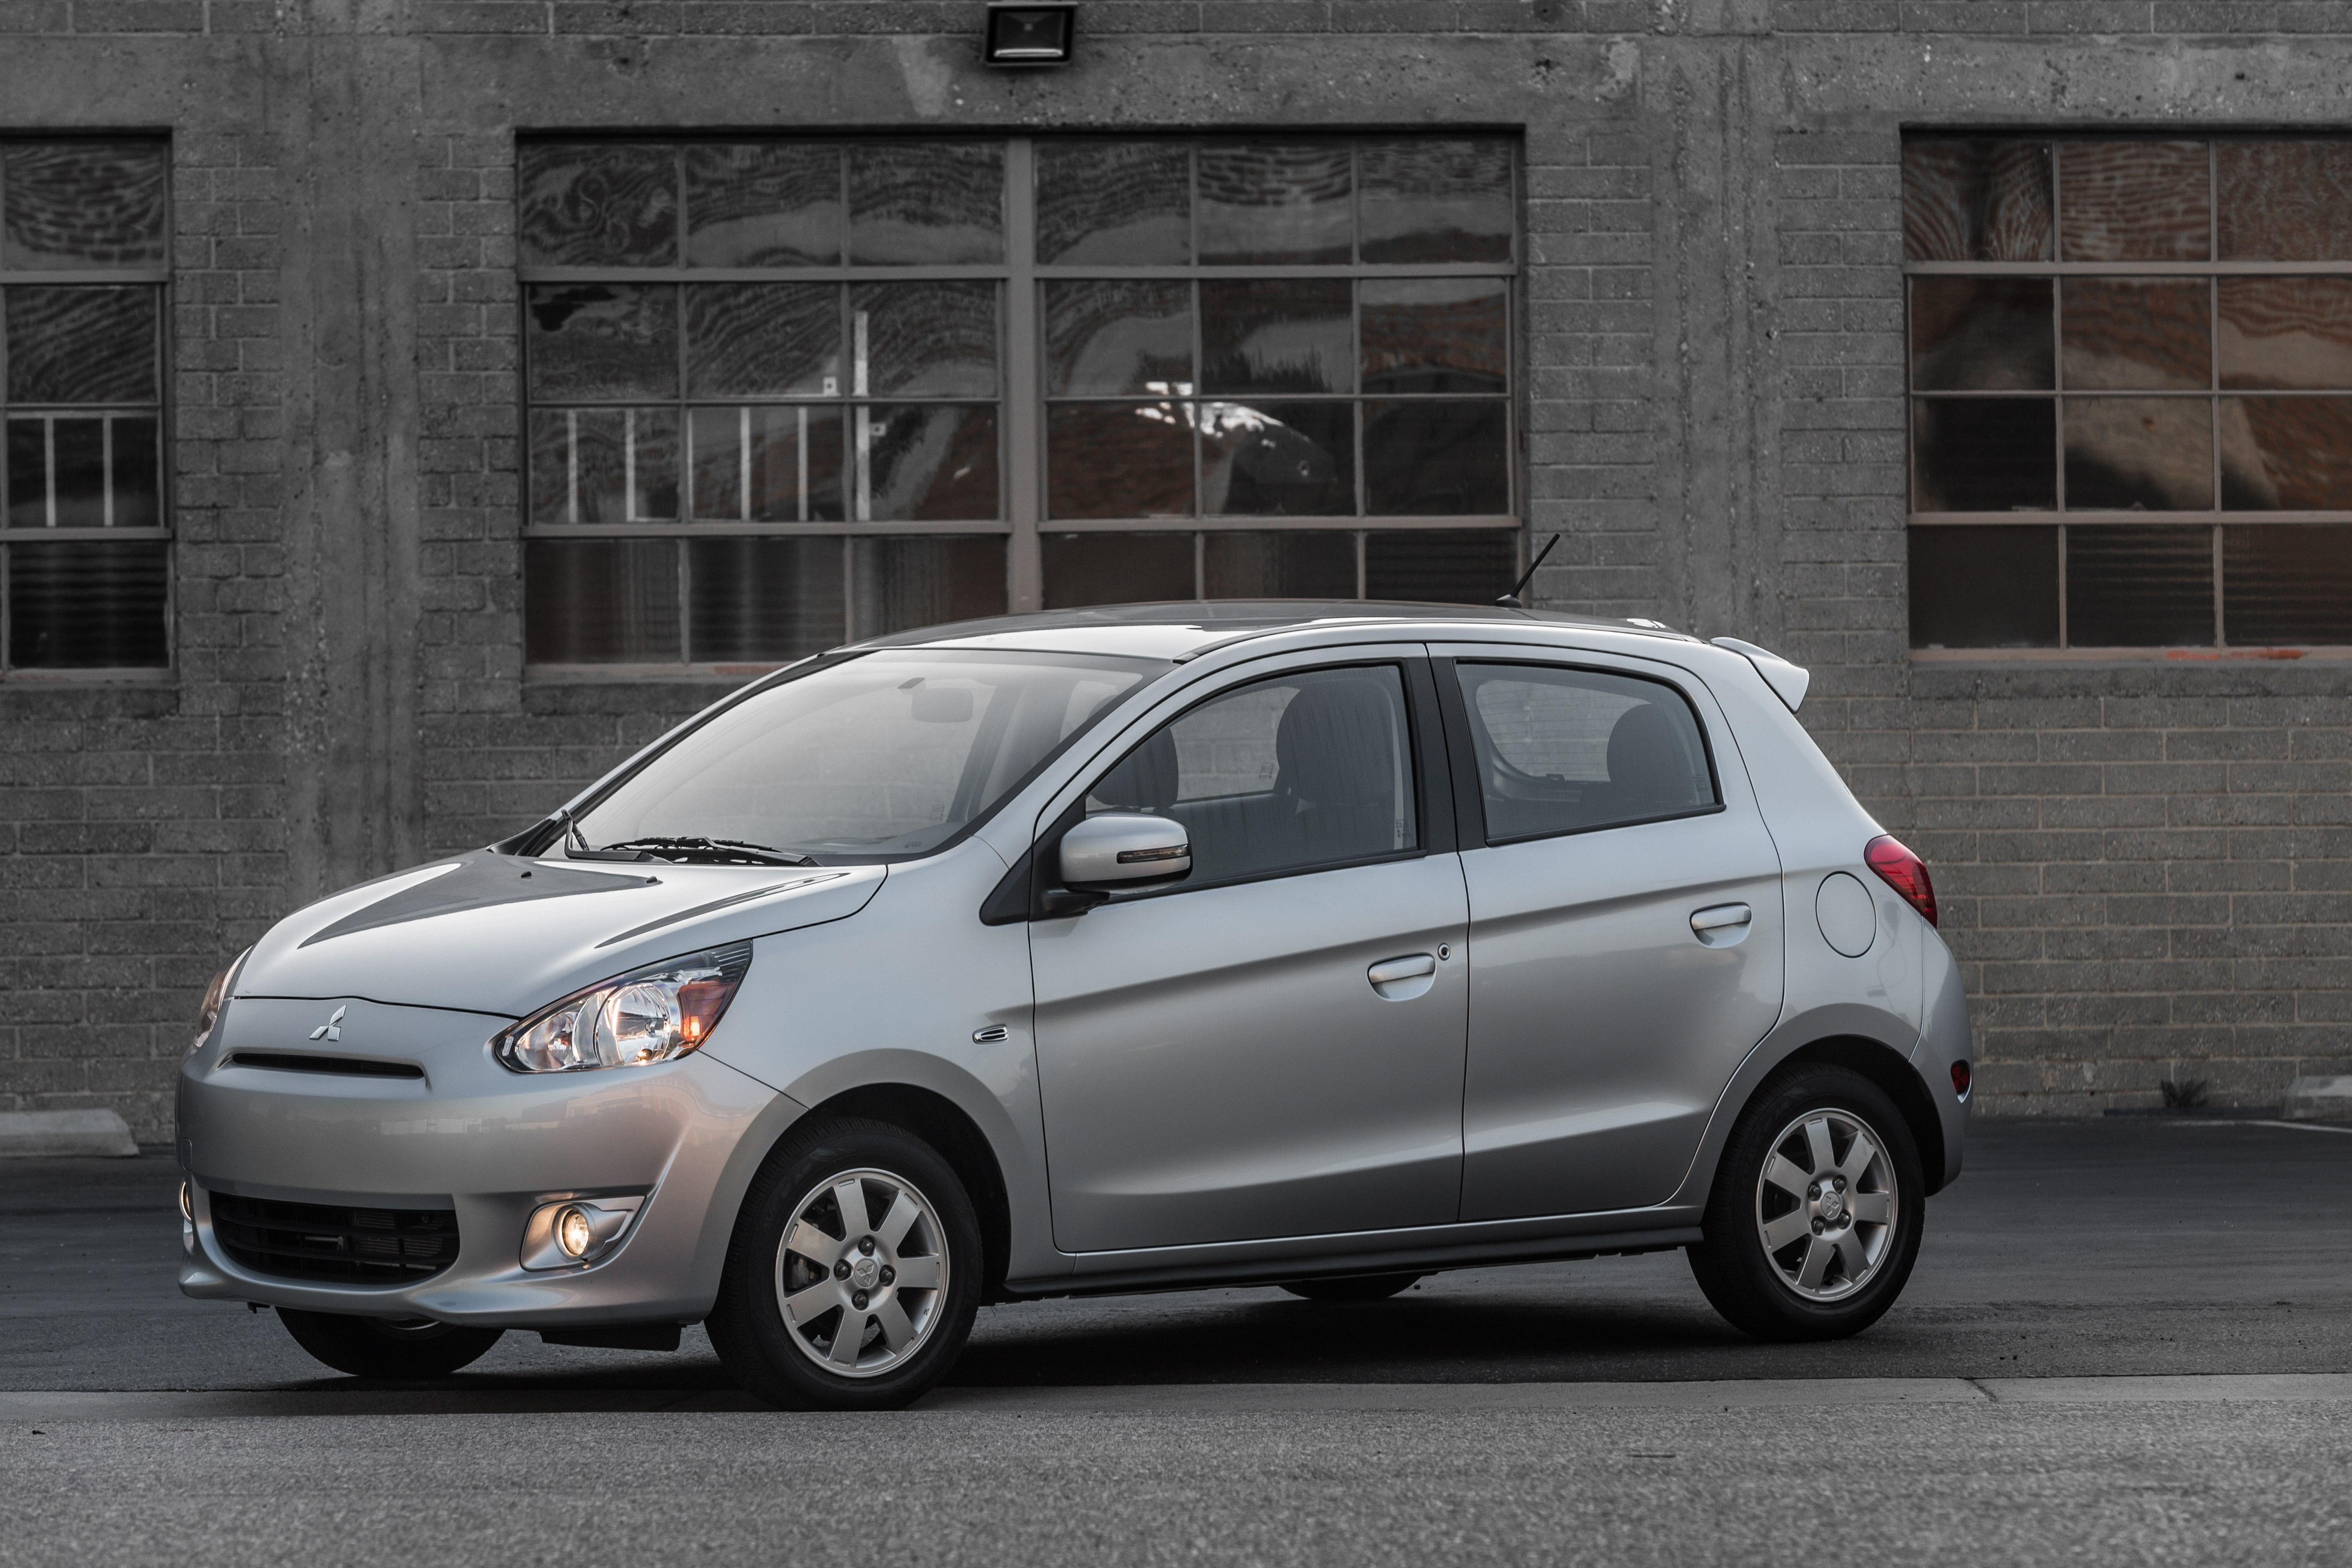 Mitsubishi August 2014 Sales